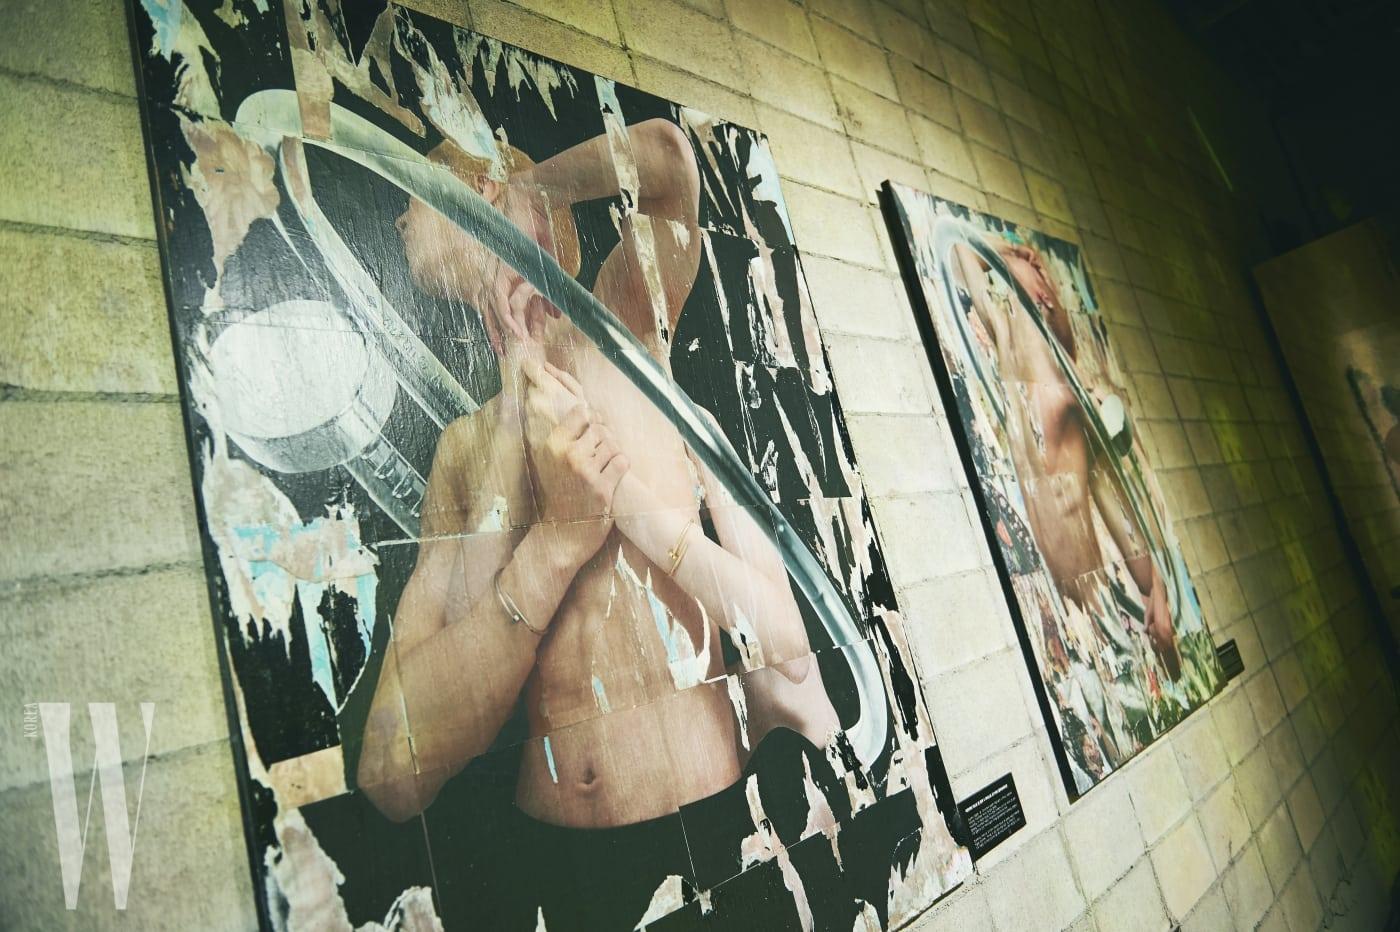 저스트 앵 끌루 아티스트 프로젝트에 참여한 조기석 작가의 작품을 전시해 메종의 혁신적인 스타일을 강조했다.